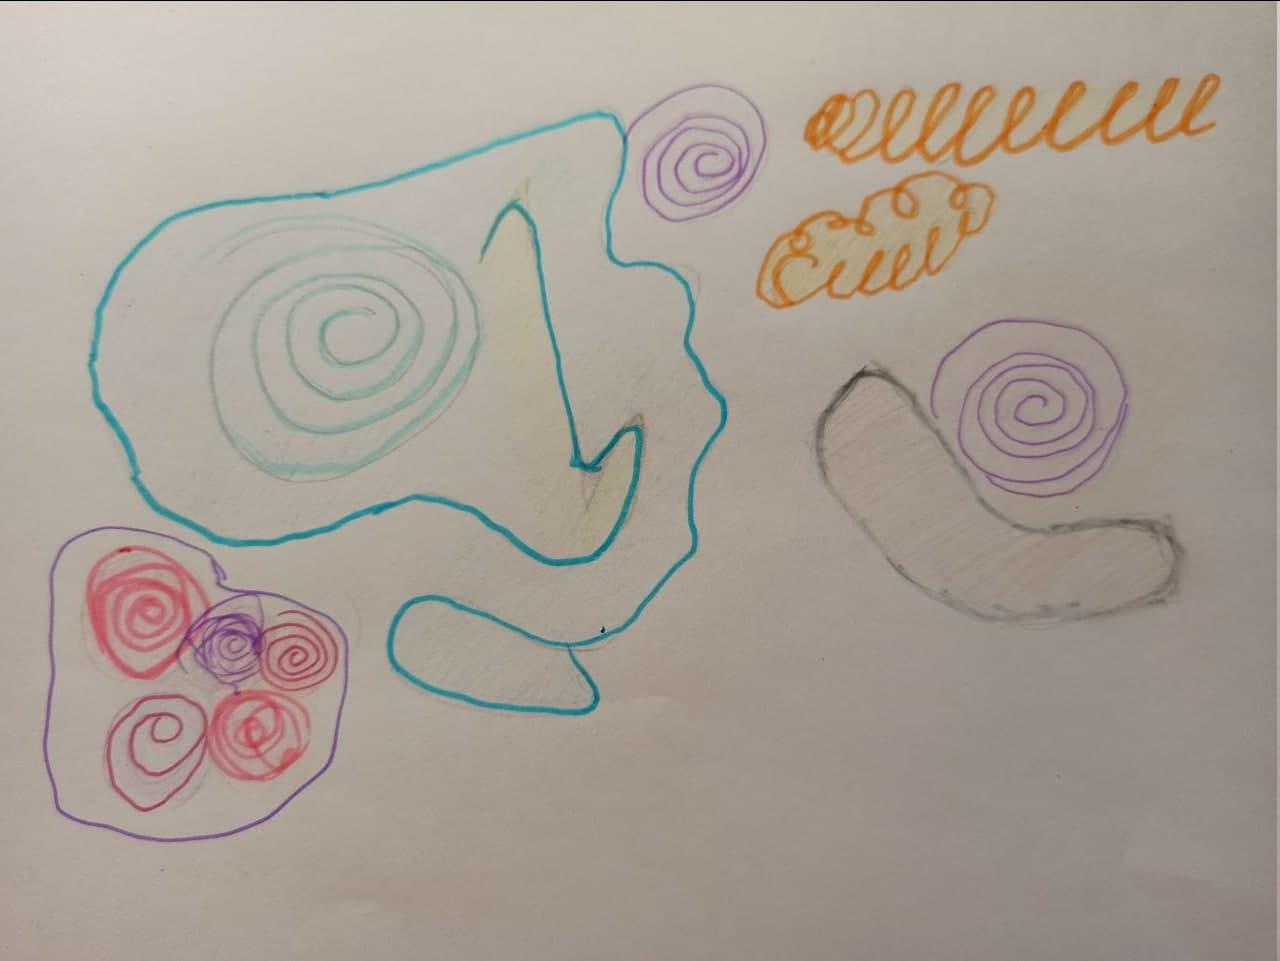 нейрографика как рисовать